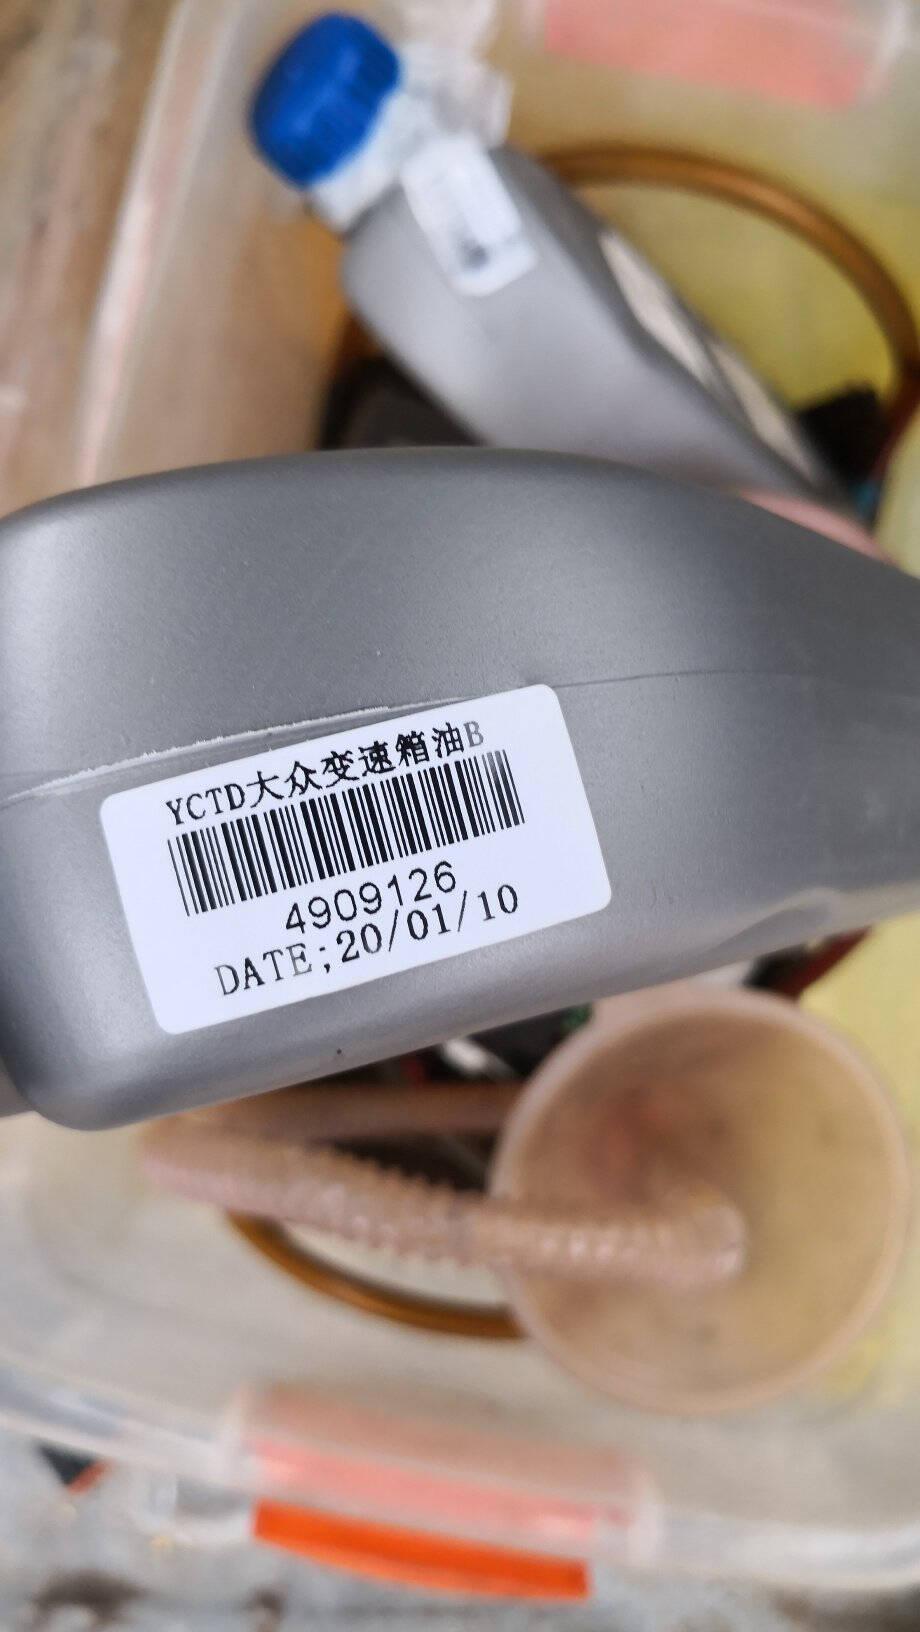 一汽大众(Volkswagen)4S店原厂燃油宝/汽油添加剂/燃油添加剂G17120ml速腾/宝来/高尔夫/迈腾/CC/捷达